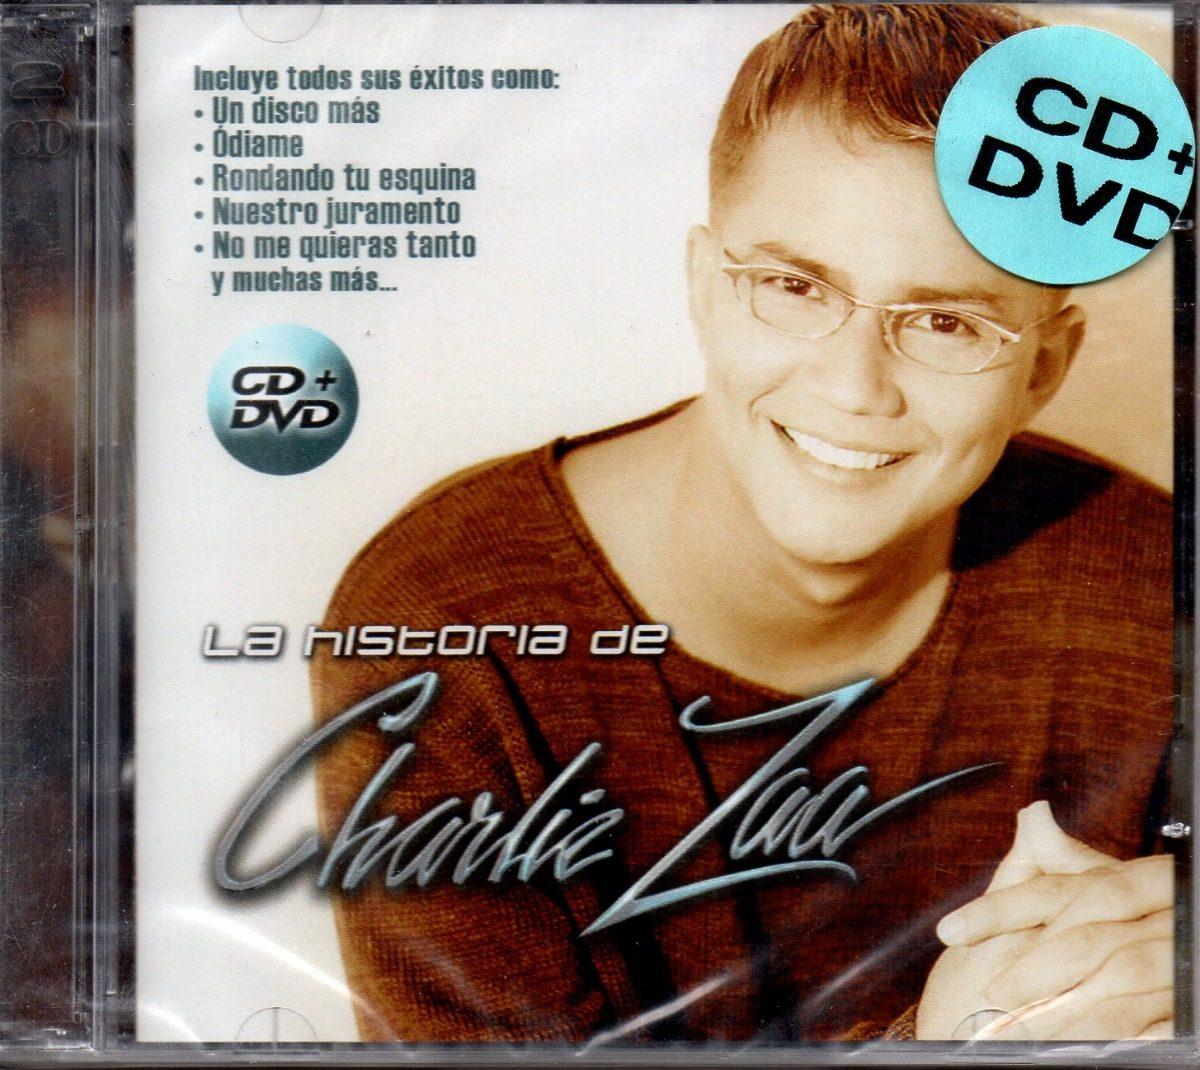 charlie zaa - la historia 2008